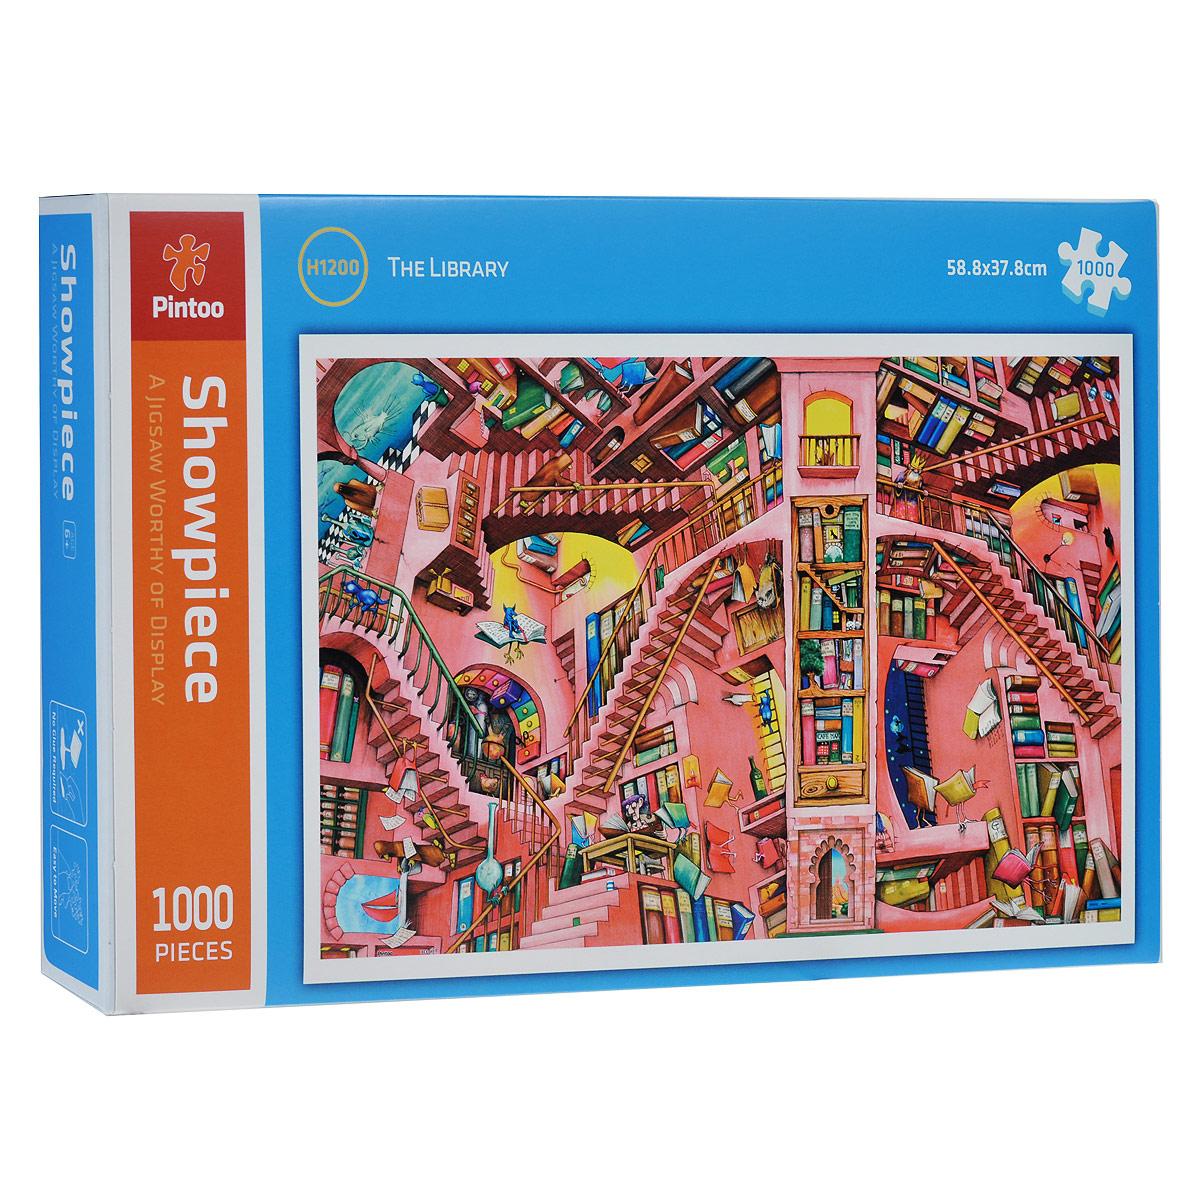 Библиотека (К. Томпсон). Пазл, 1000 элементовН1200Пазл Библиотека (К. Томпсон), без сомнения, придется вам по душе. Собрав этот пазл, включающий в себя 1000 элементов, вы получите великолепную репродукцию картины художника с очень богатым воображением Кейта (Кита) Томпсона «Библиотека». Его картины открывают фантастические, и даже сюрреалистические миры. Элементы пазла надежно скрепляются между собой, что клей не понадобится вообще. Стыки между деталями совершенно не видны. Пазл - великолепная игра для семейного досуга. Сегодня собирание пазлов стало особенно популярным, главным образом, благодаря своей многообразной тематике, способной удовлетворить самый взыскательный вкус. А для детей это не только интересно, но и полезно. Собирание пазла развивает мелкую моторику у ребенка, тренирует наблюдательность, логическое мышление, знакомит с окружающим миром, с цветом и разнообразными формами.